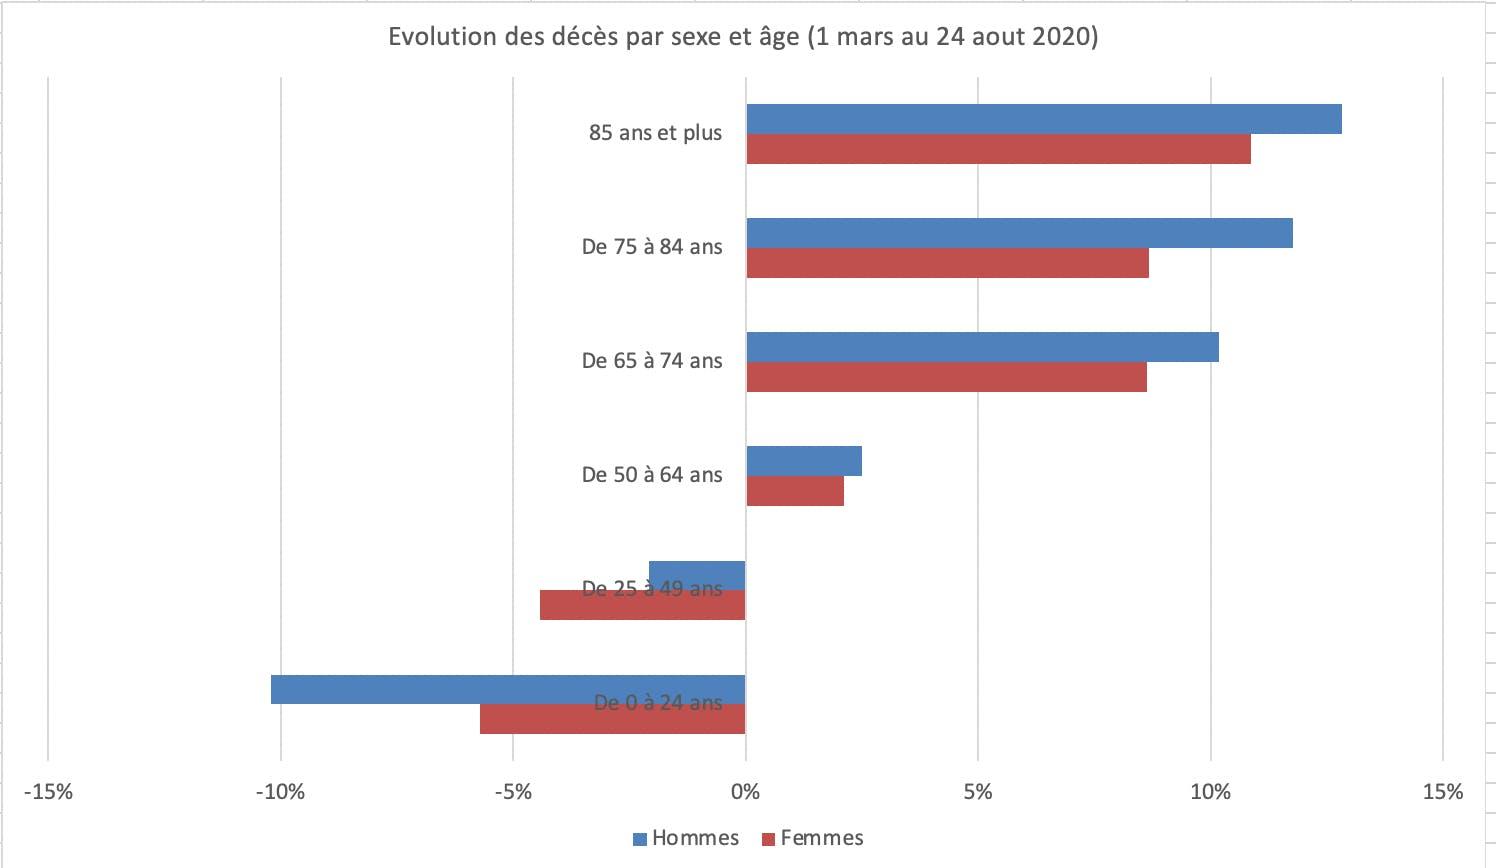 Evolution des décès par sexe et âge (1 mars au 24 aout 2020)